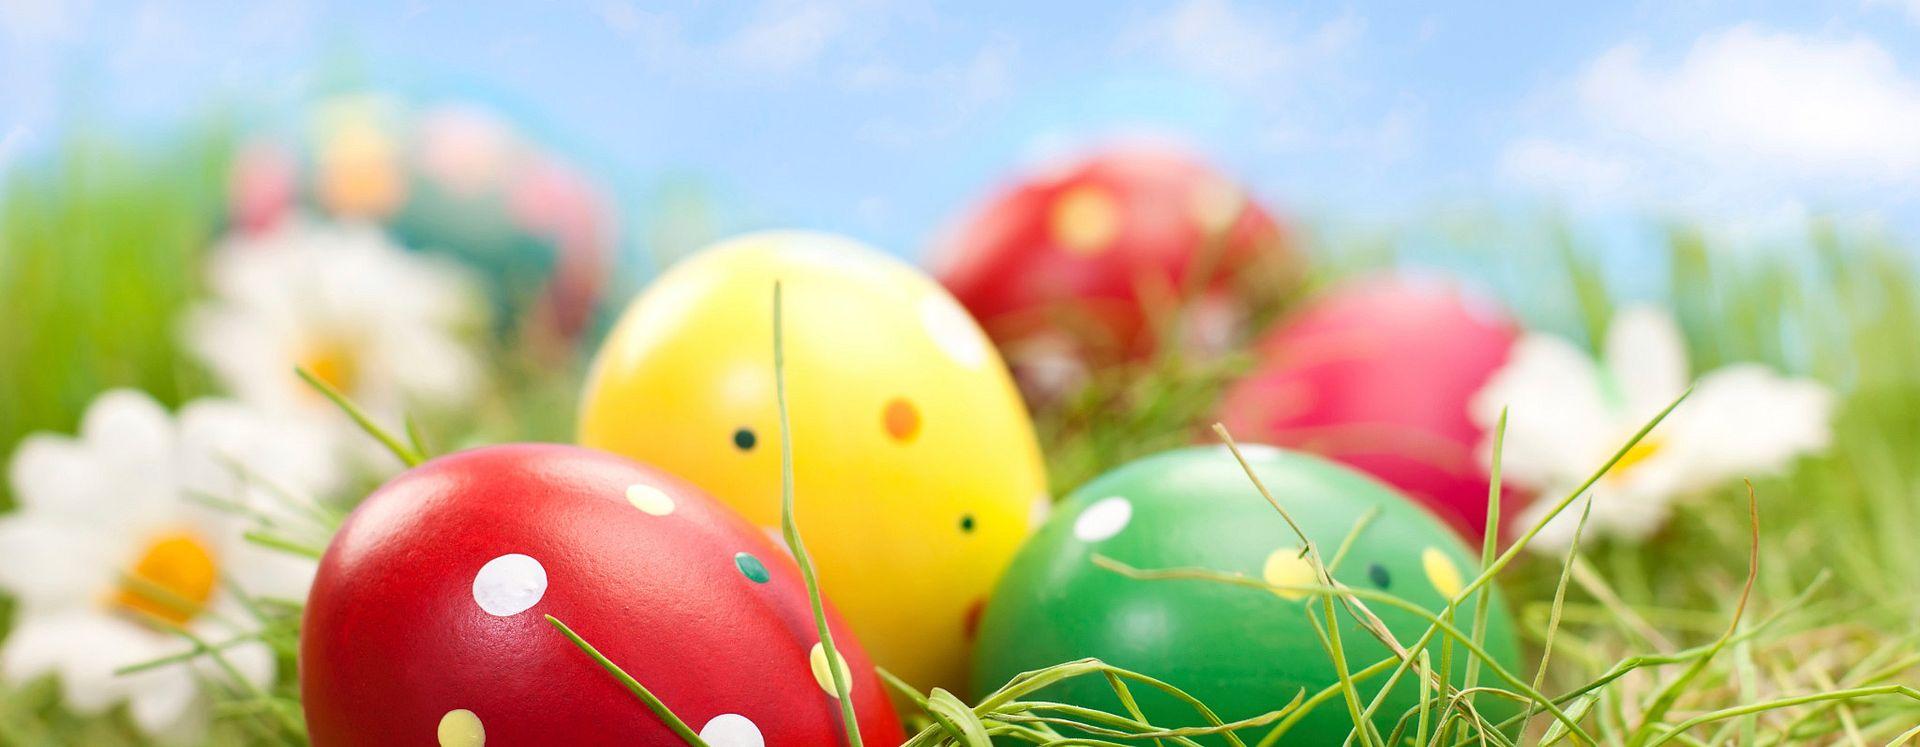 huevos de pascua asentados en la grama de una pradera